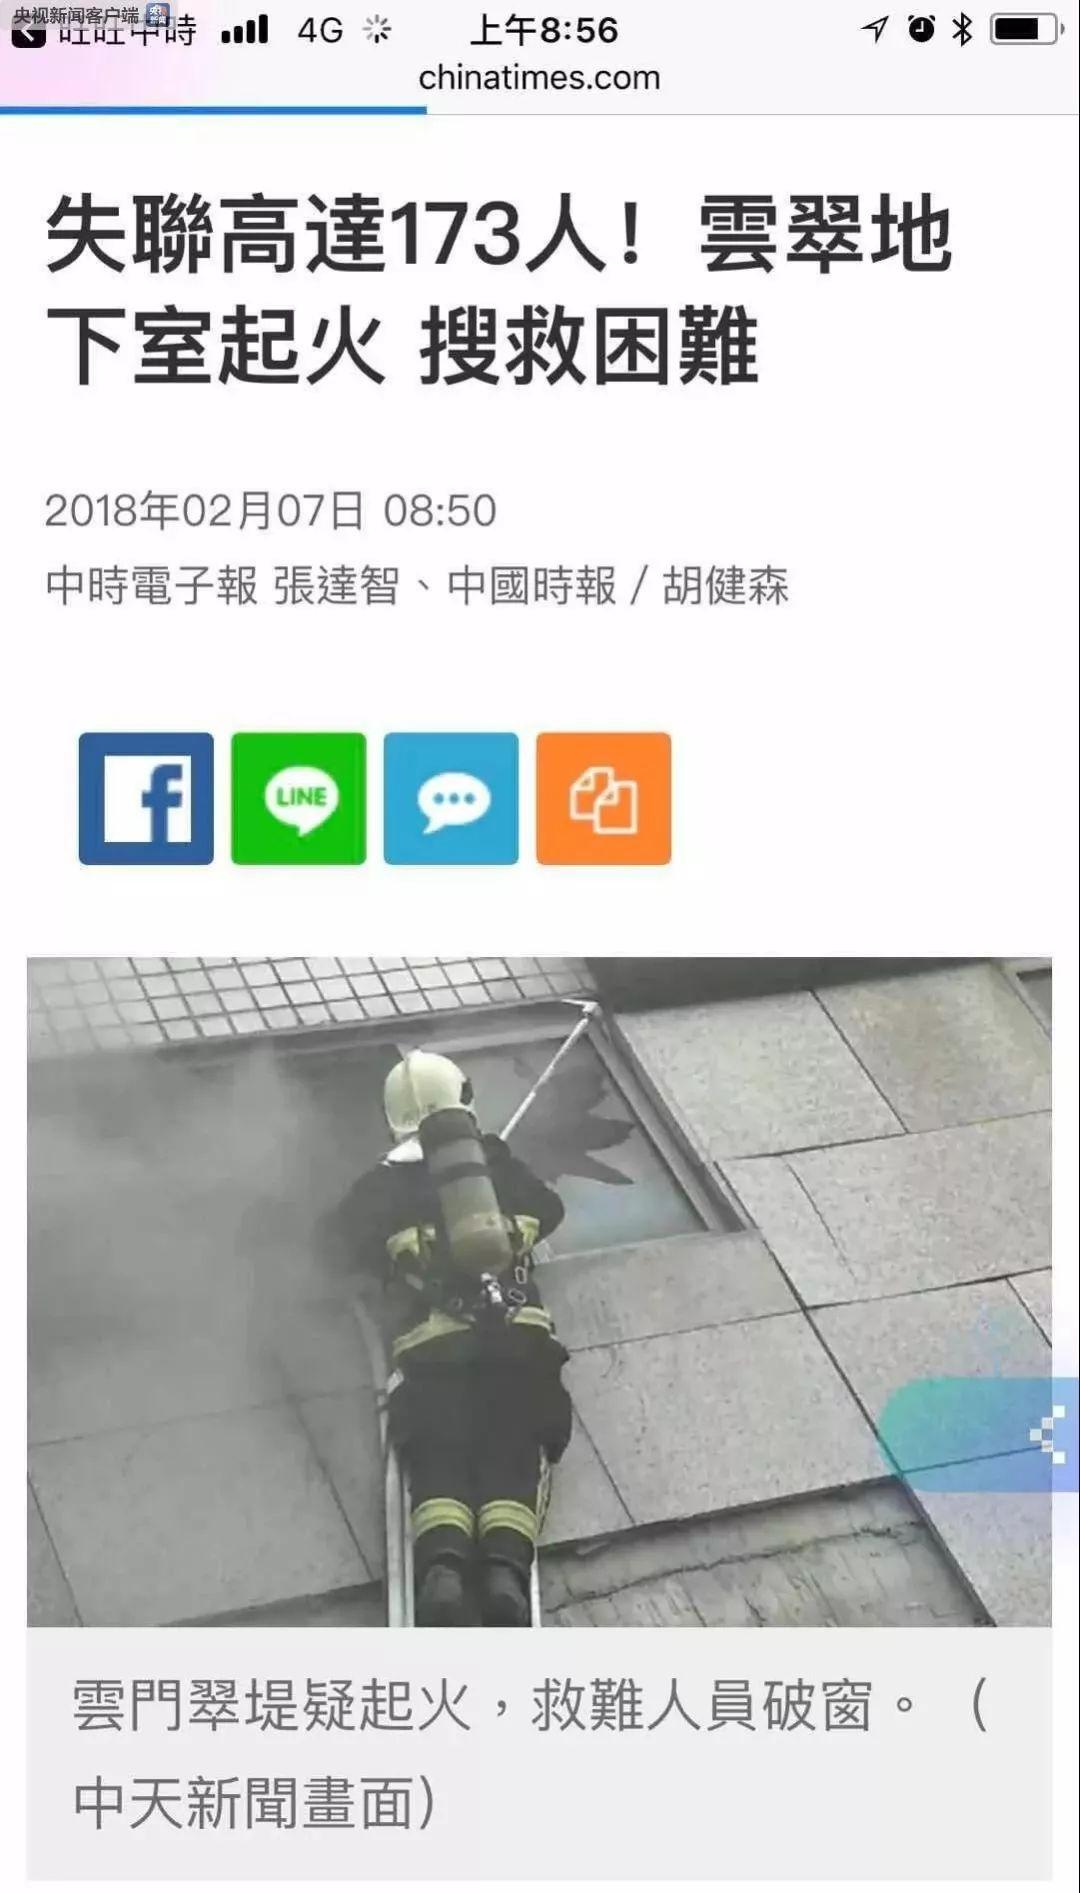 台湾花莲6.5级地震致2死214伤 失联人数高达173人